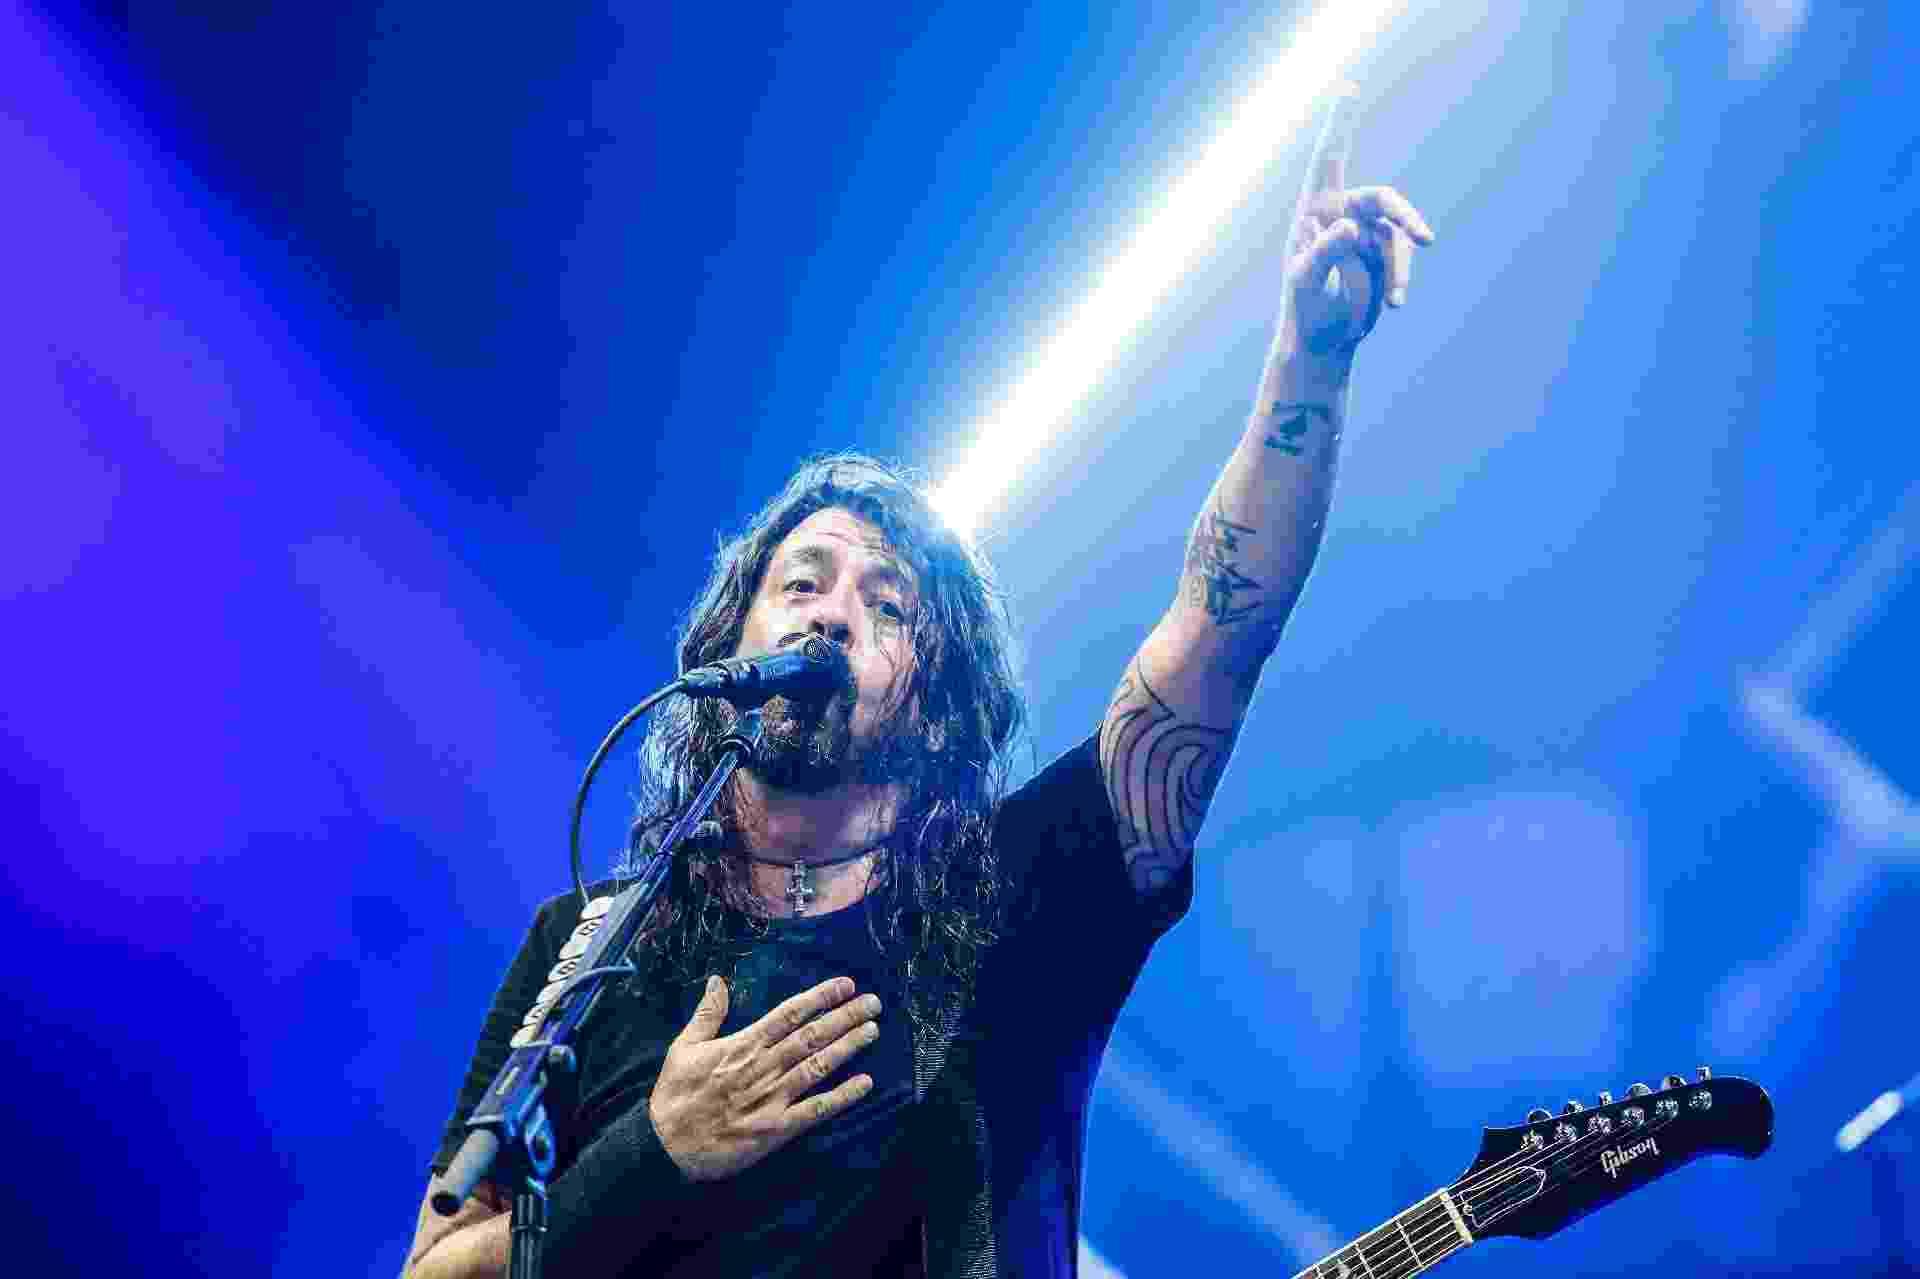 Dave Grohl, vocalista do Foo Fighters, saúda o público de São Paulo na primeira noite da turnê conjunta com o Queens of the Stone Age na cidade. As bandas, que já passaram pelo Rio de Janeiro, repetem o show no Allianz Parque na quarta-feira (28), e depois seguem para Curitiba (2/3) e Porto Alegre (4/3) - Lucas Lima/UOL